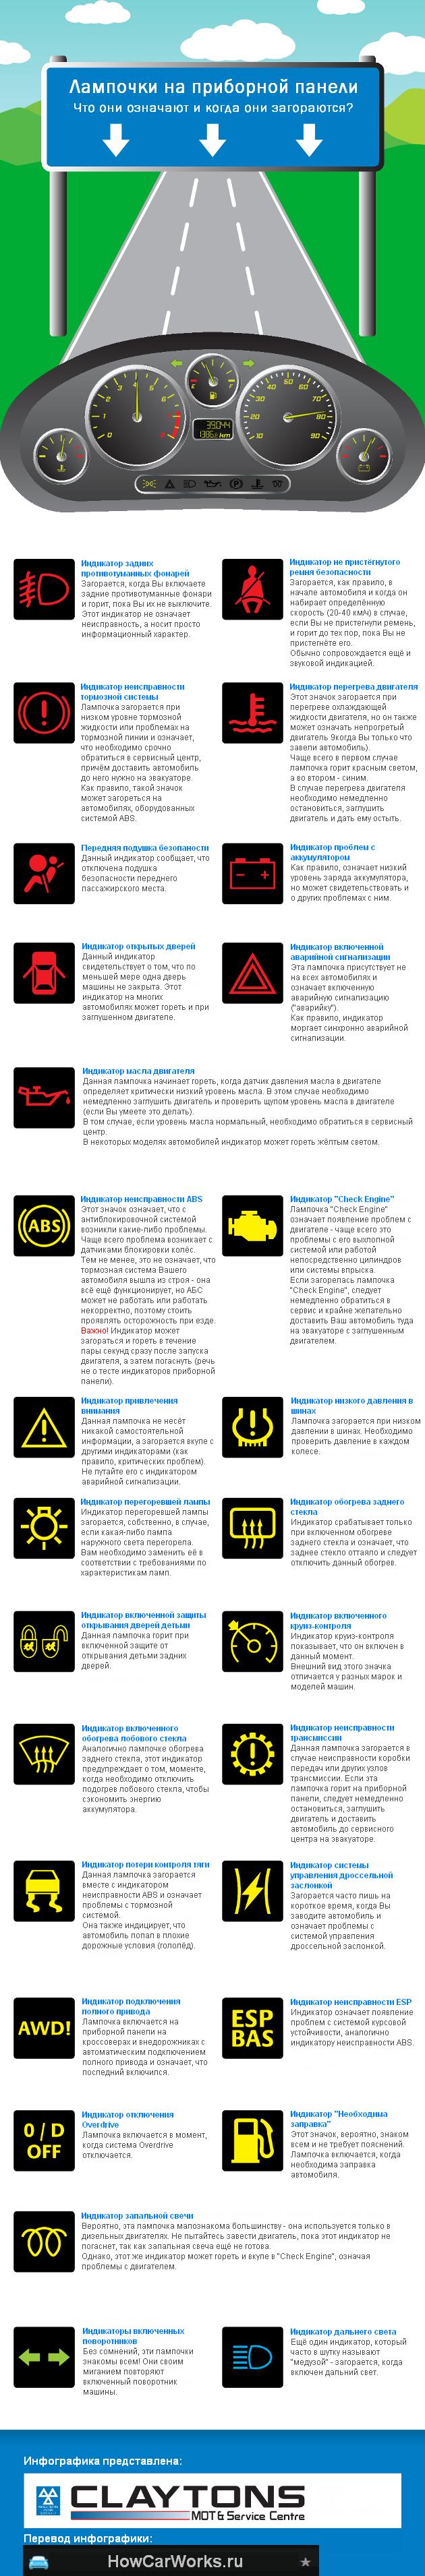 Что означают лампочки на панели приборов, в каких случаях загораются и что необходимо предпринять при этом?